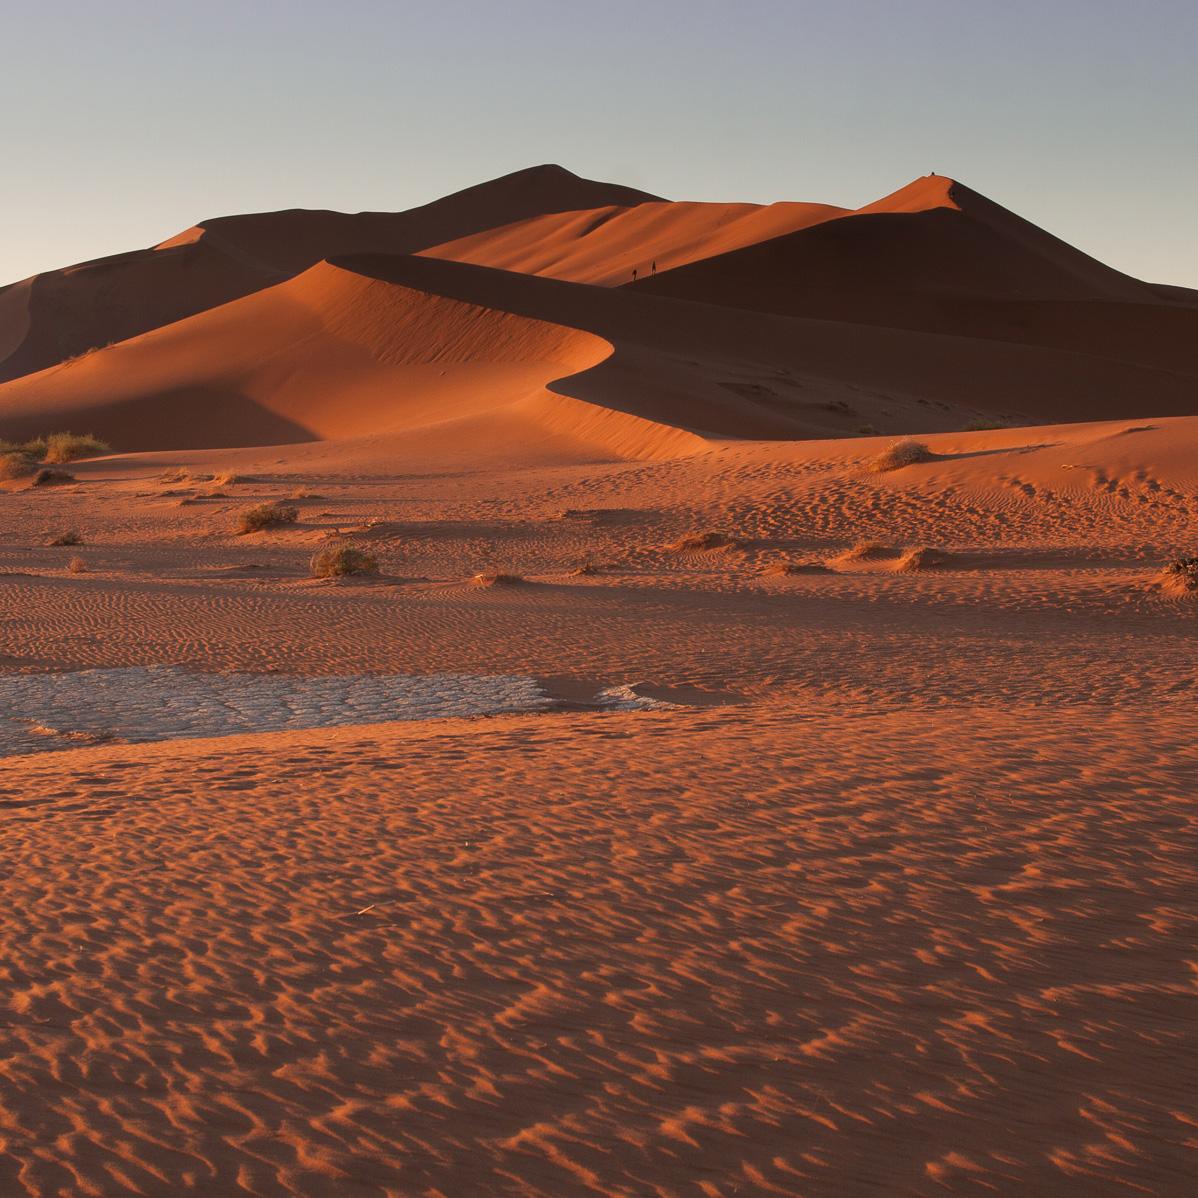 de arena y roca - JESUS RODRIGUEZ, photography